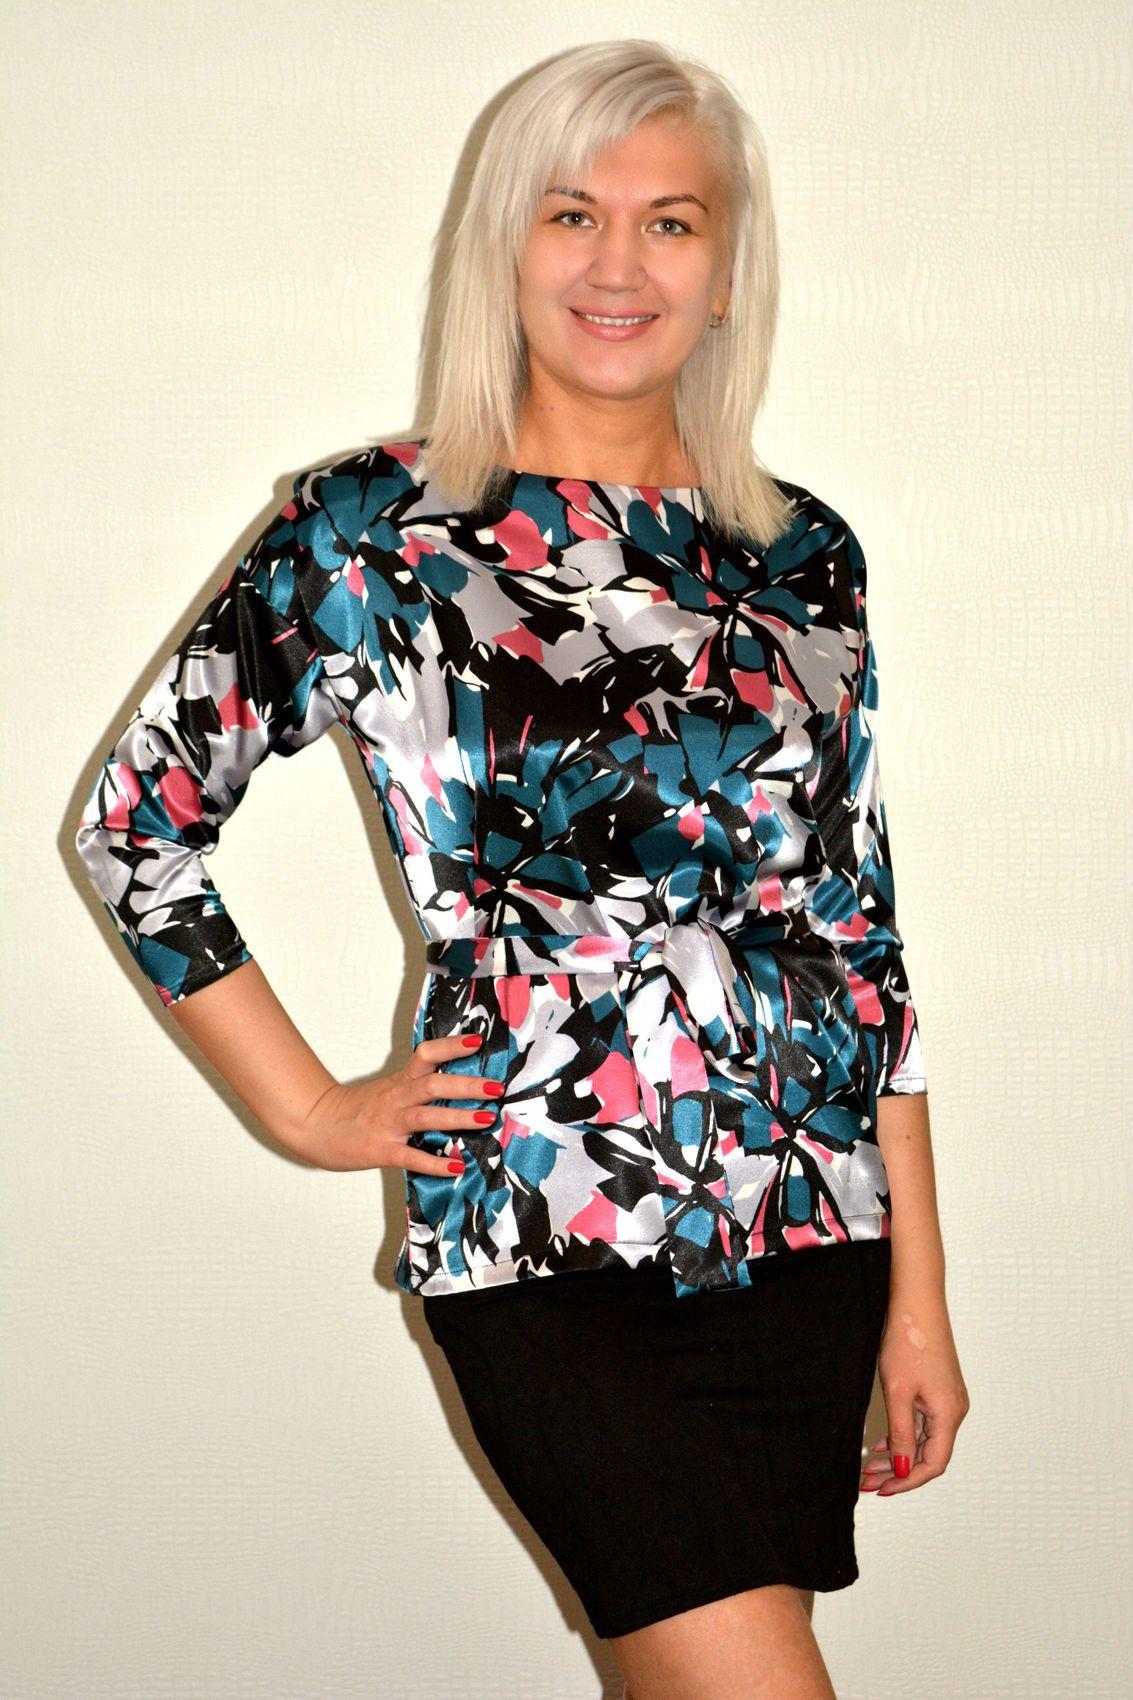 Сбор заказов. SUNNY-5. Красивых блузок много не бывает! А еще появились платья и юбки. Подойдет всем, кто любит стиль и